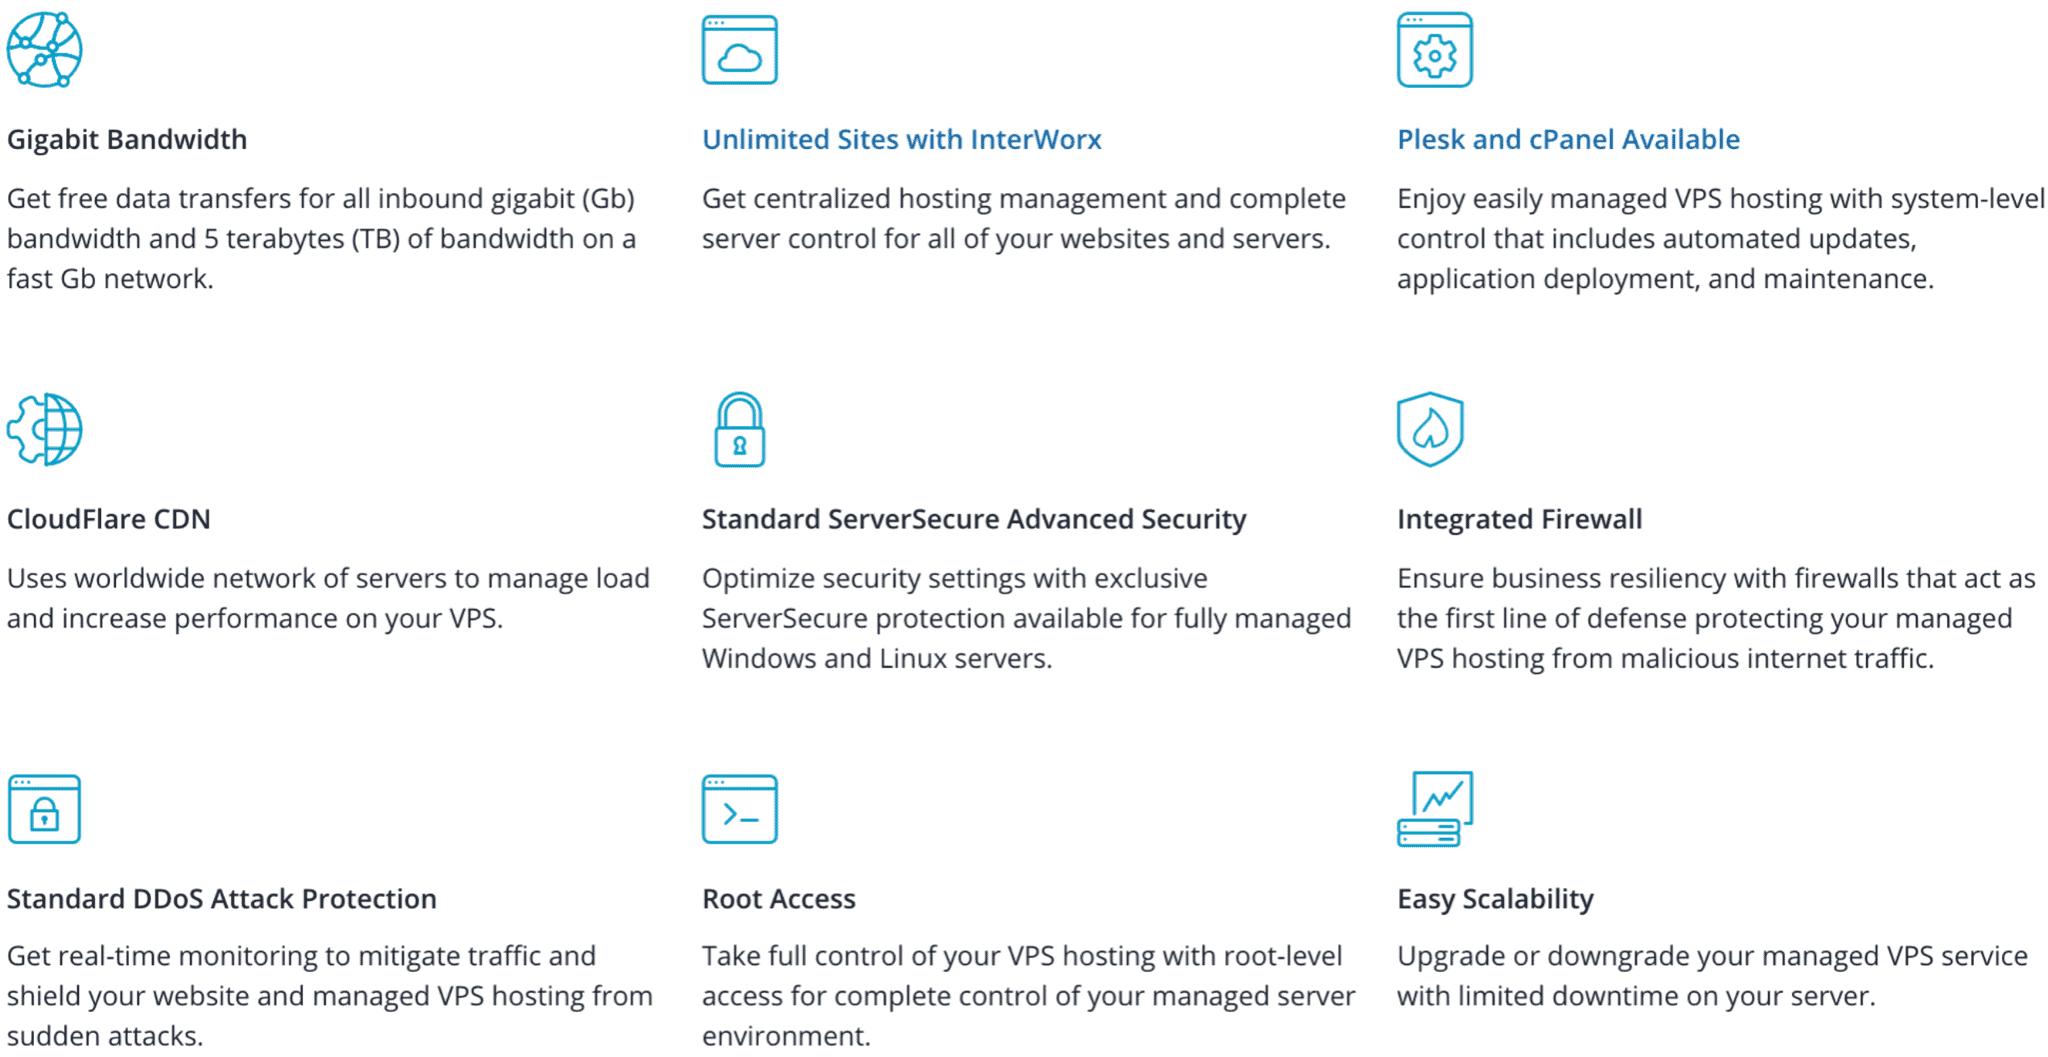 Details of Liquid Web's VPS plans